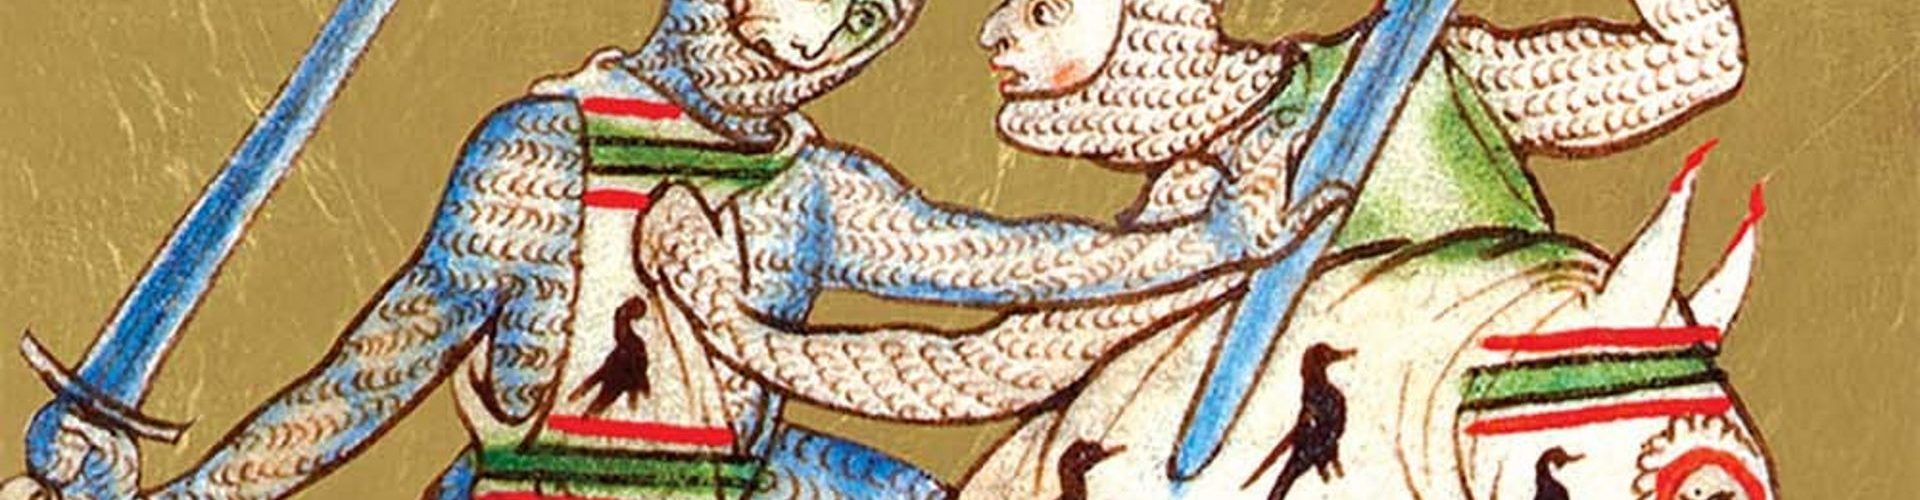 Knut Wielki w walce na miniaturze z epoki.